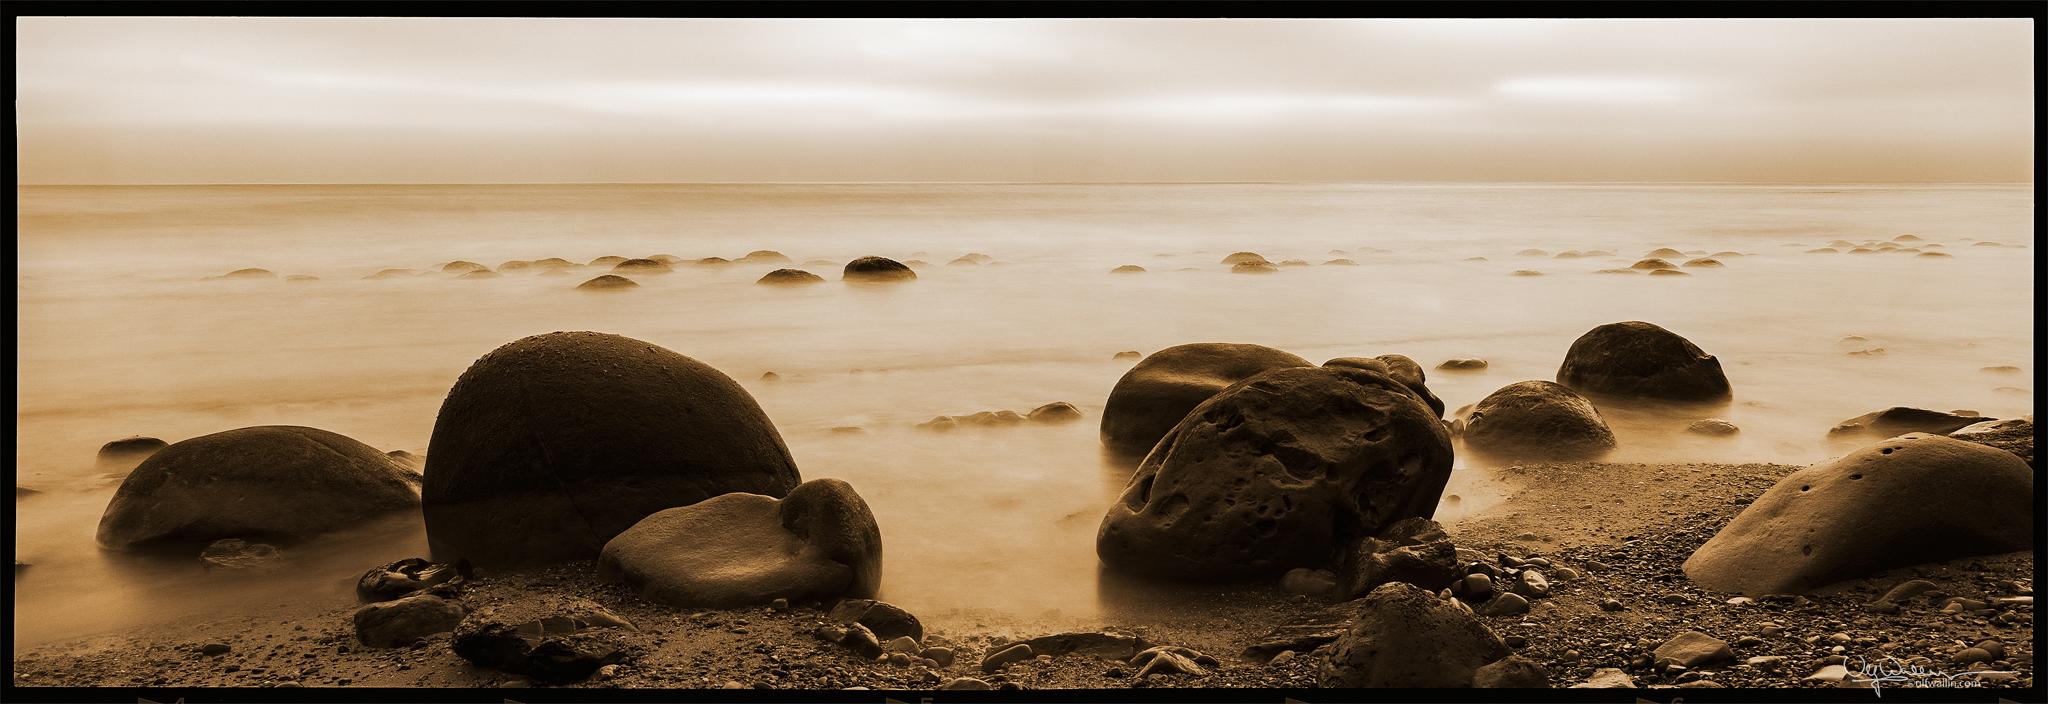 Bowlingball Beach